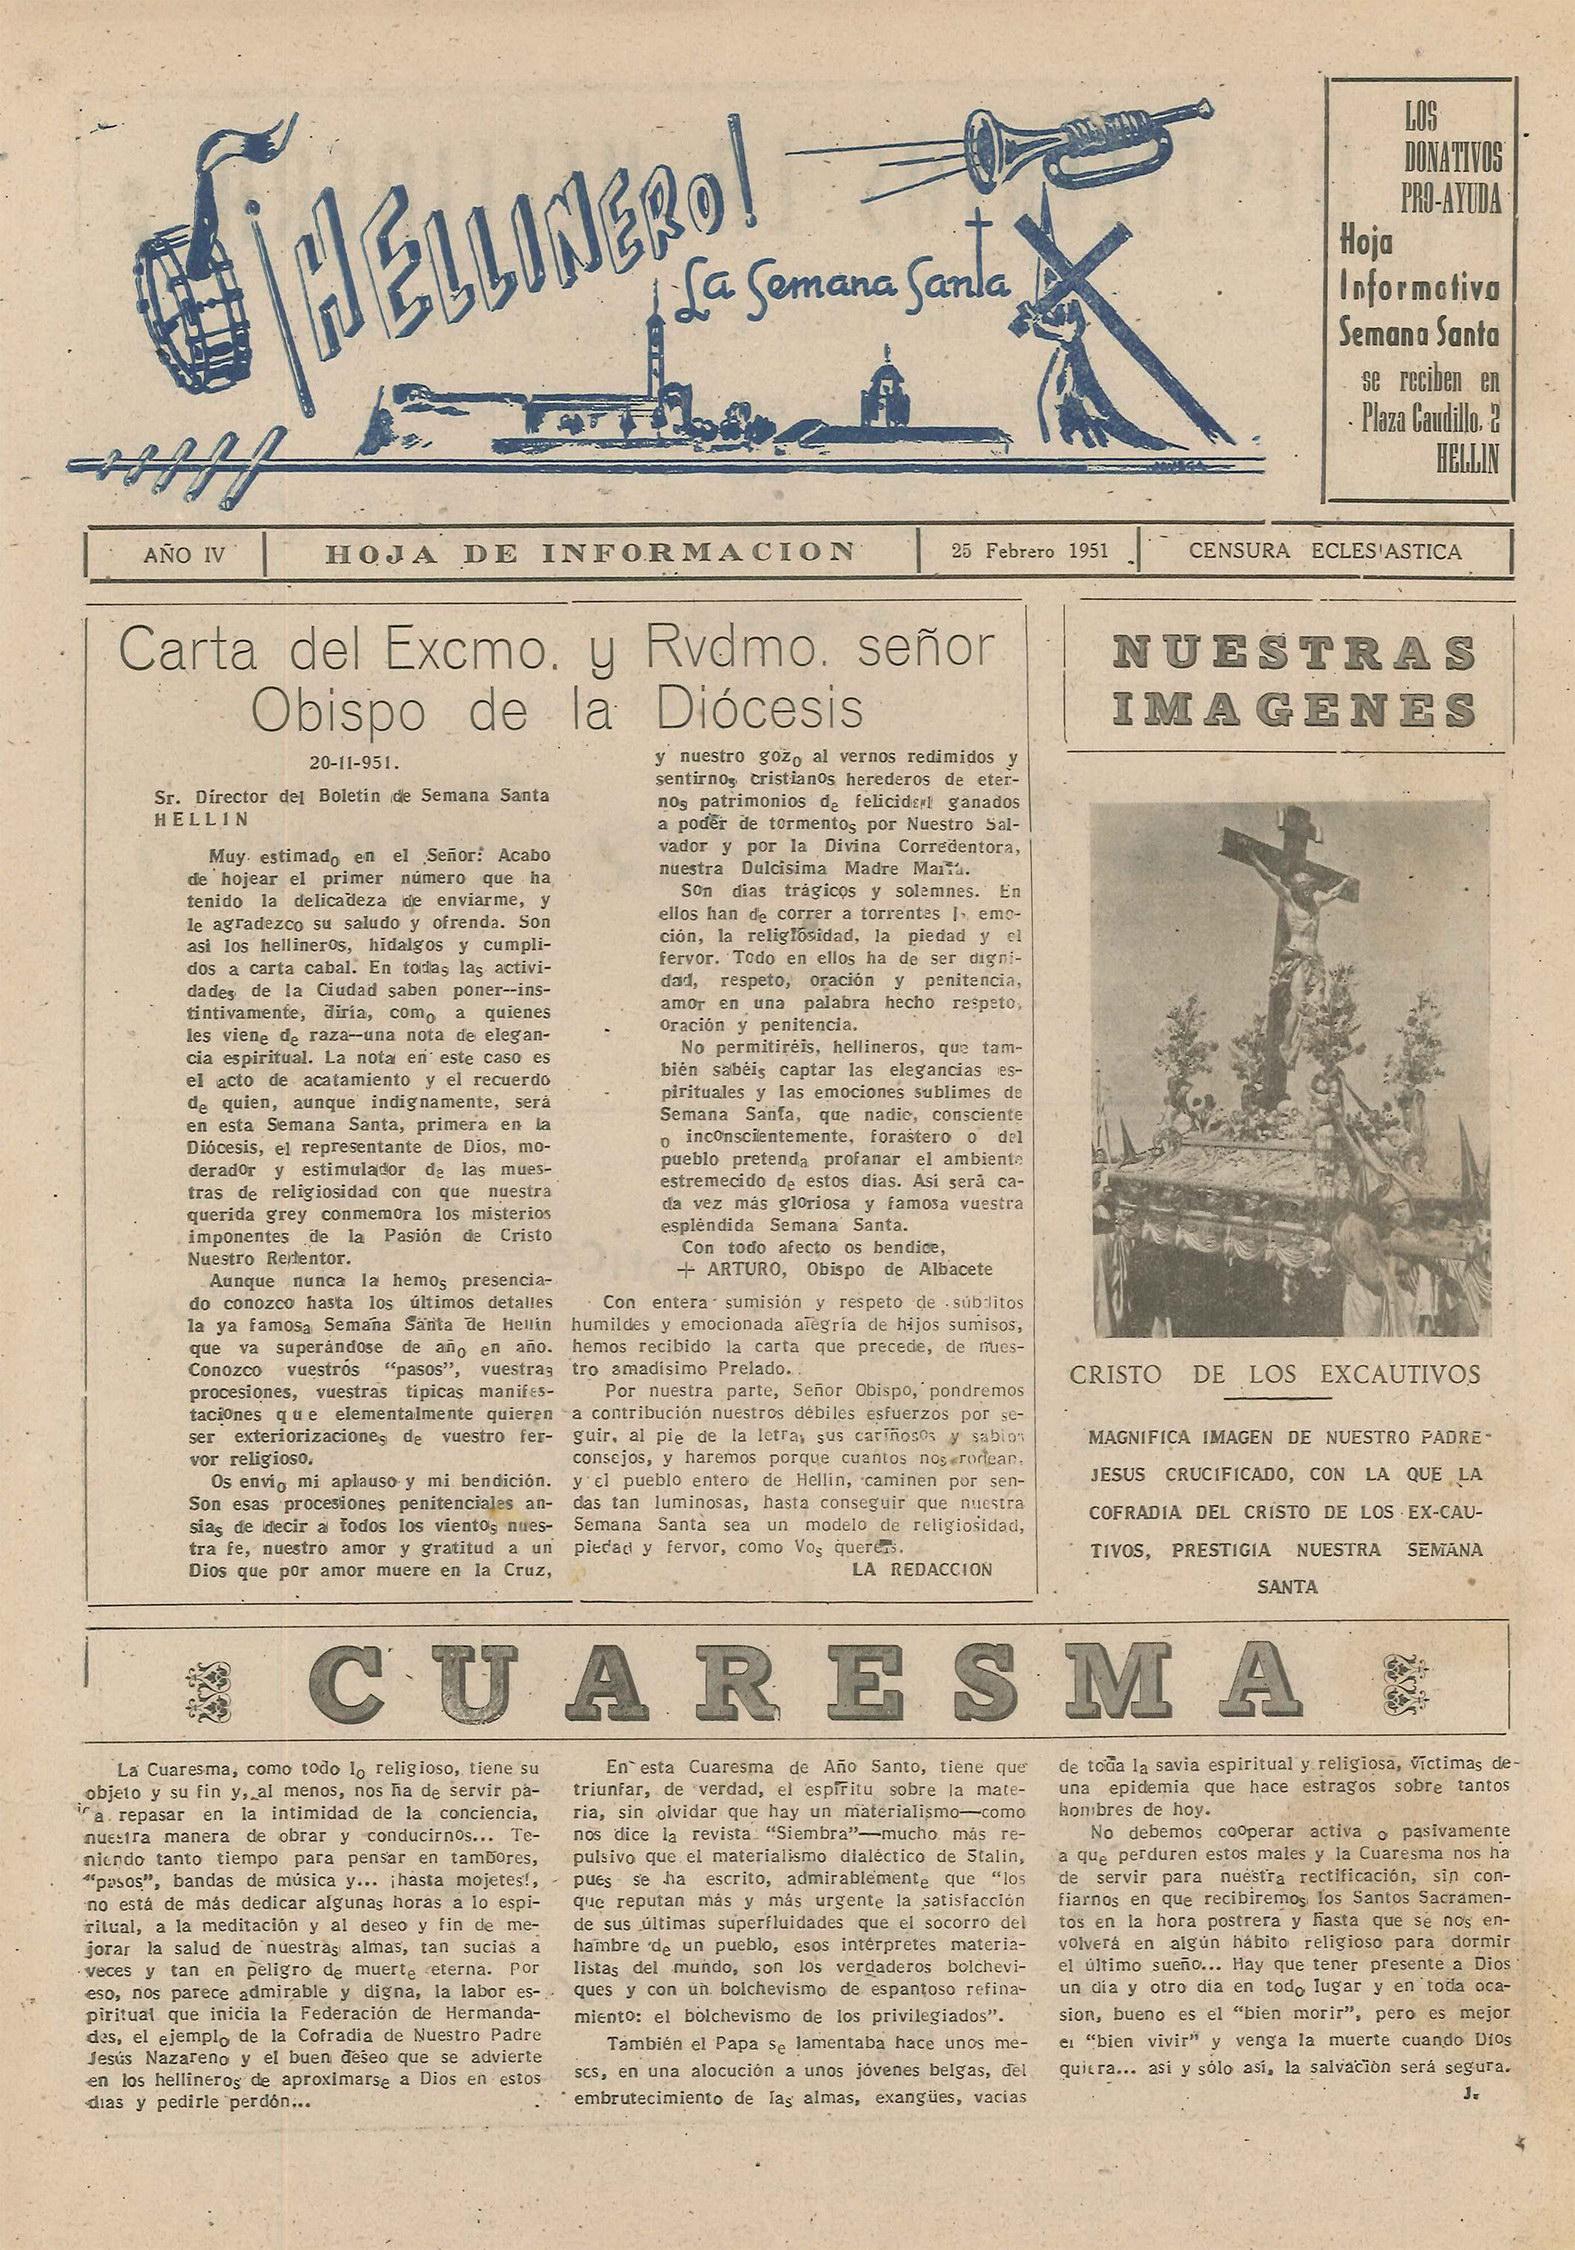 ¡Hellinero! La Semana Santa - Hoja informativa de Semana Santa - 1951 - n2